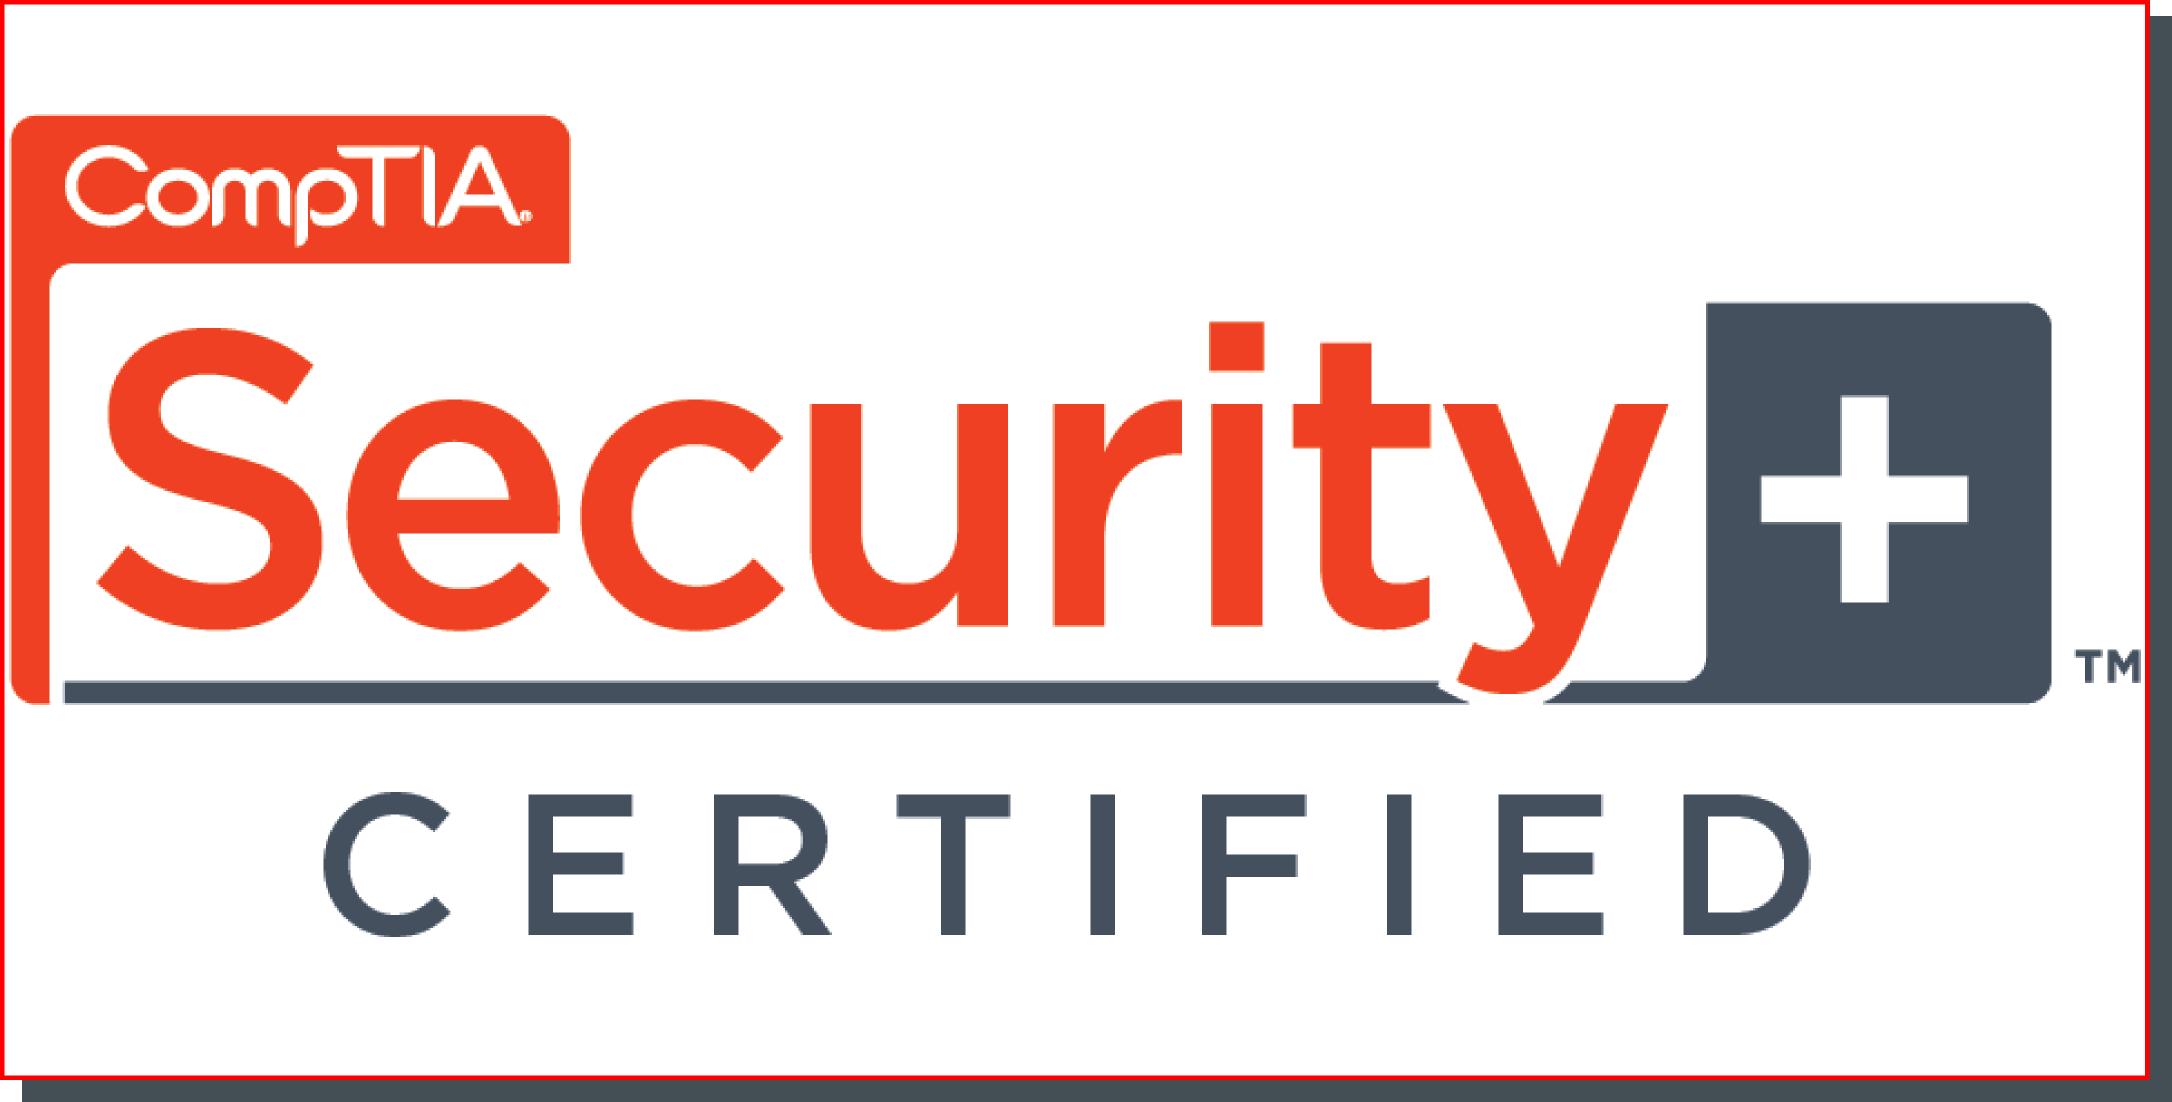 CompTIA Security+ CE